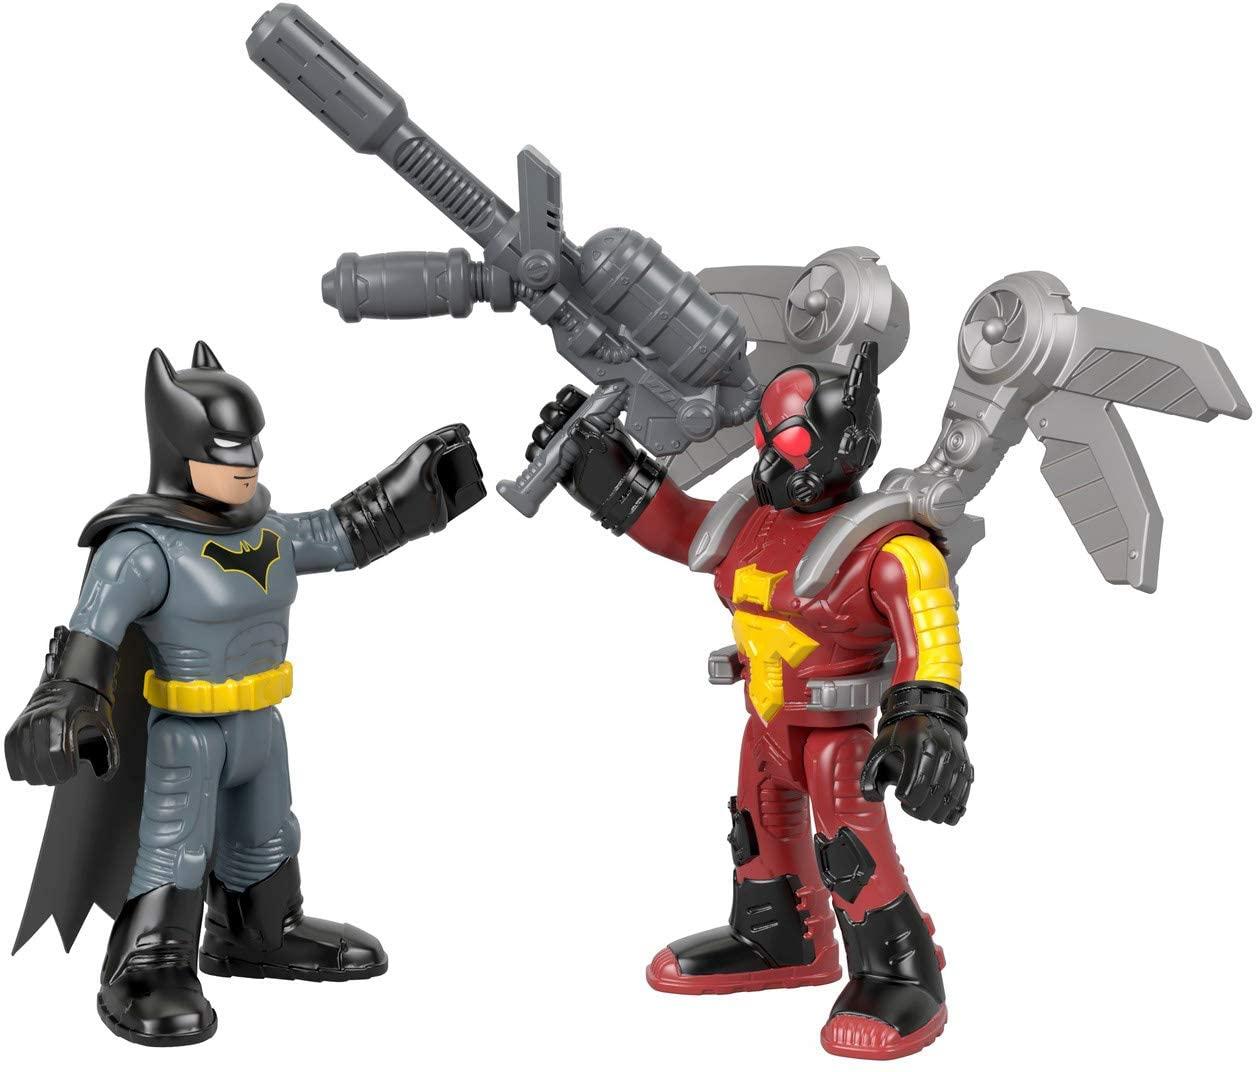 Dc Super Friends Imaginext - Batman & Firefly - Mattel